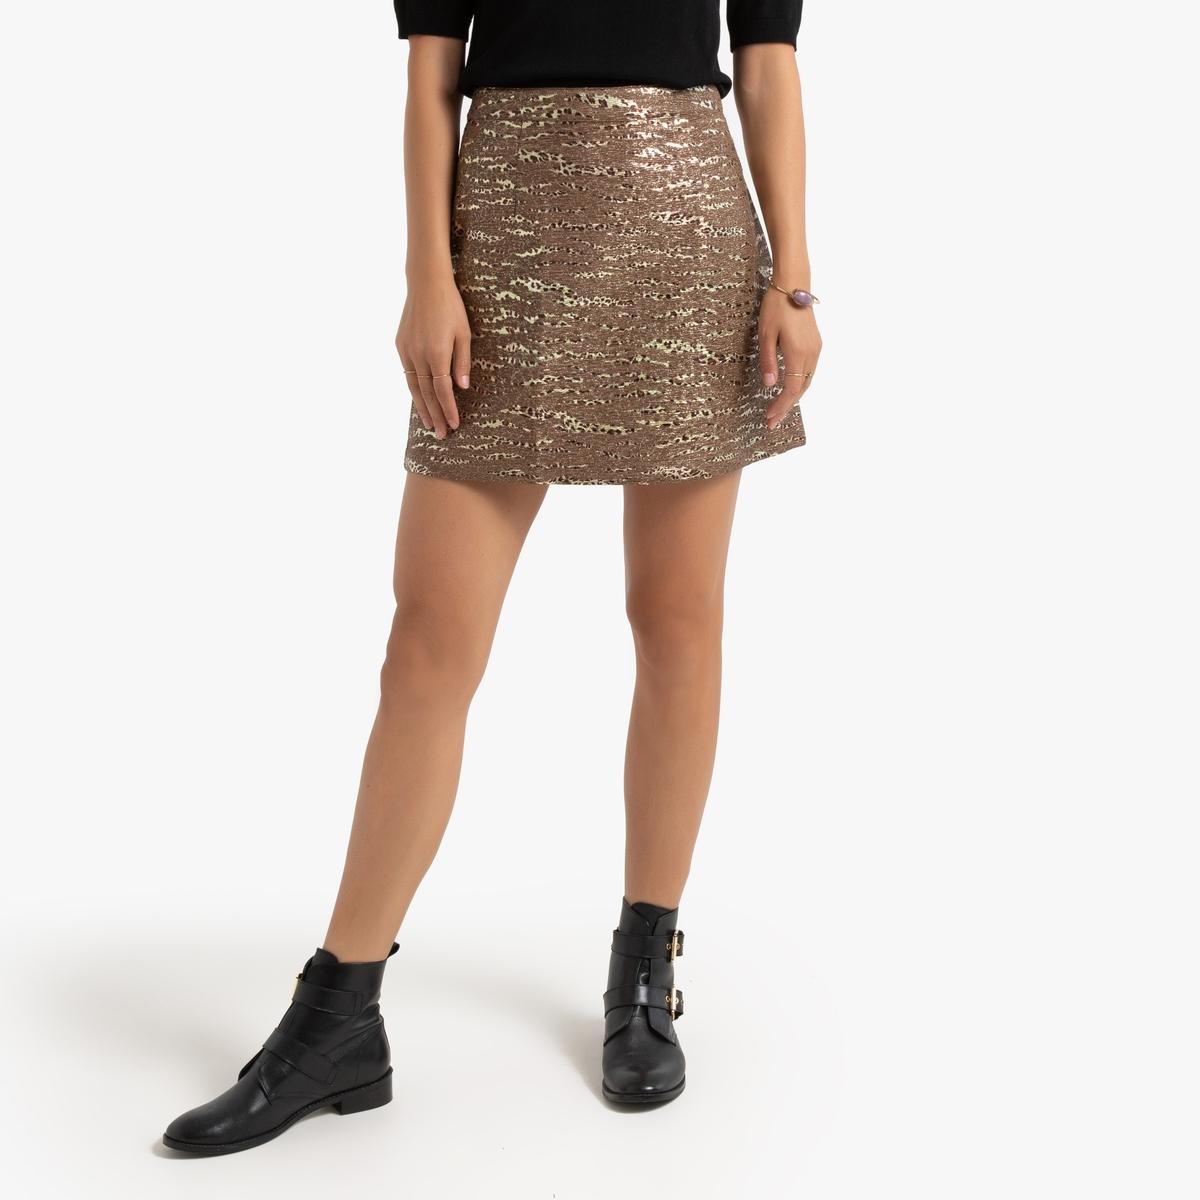 Юбка La Redoute Короткая прямая блестящая XS каштановый юбка la redoute короткая с завышенной талией и цветочным рисунком xs зеленый